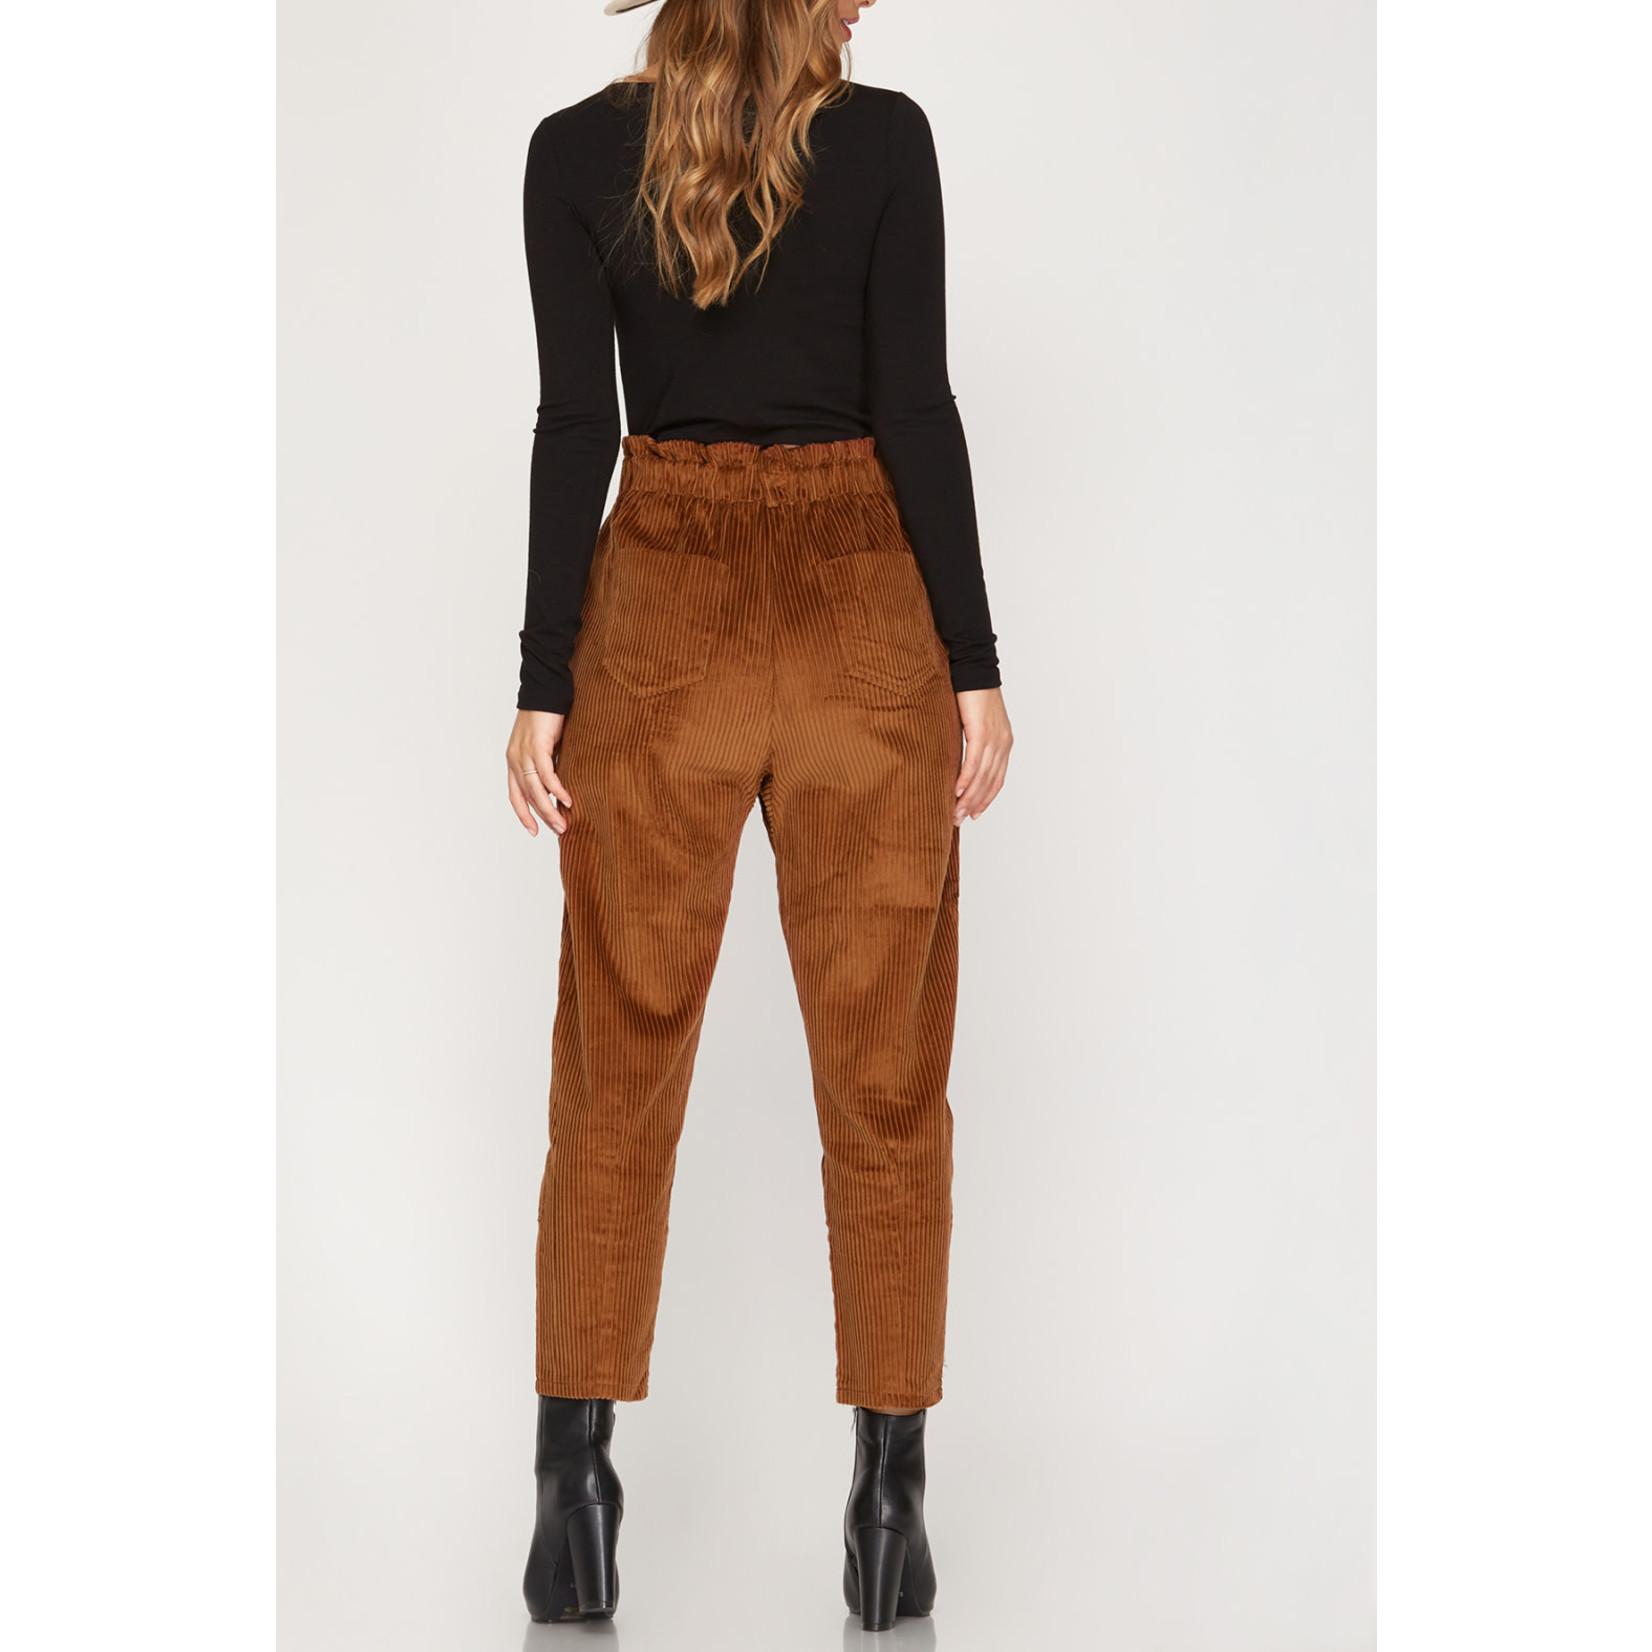 She & Sky Corduroy Paperbag pants